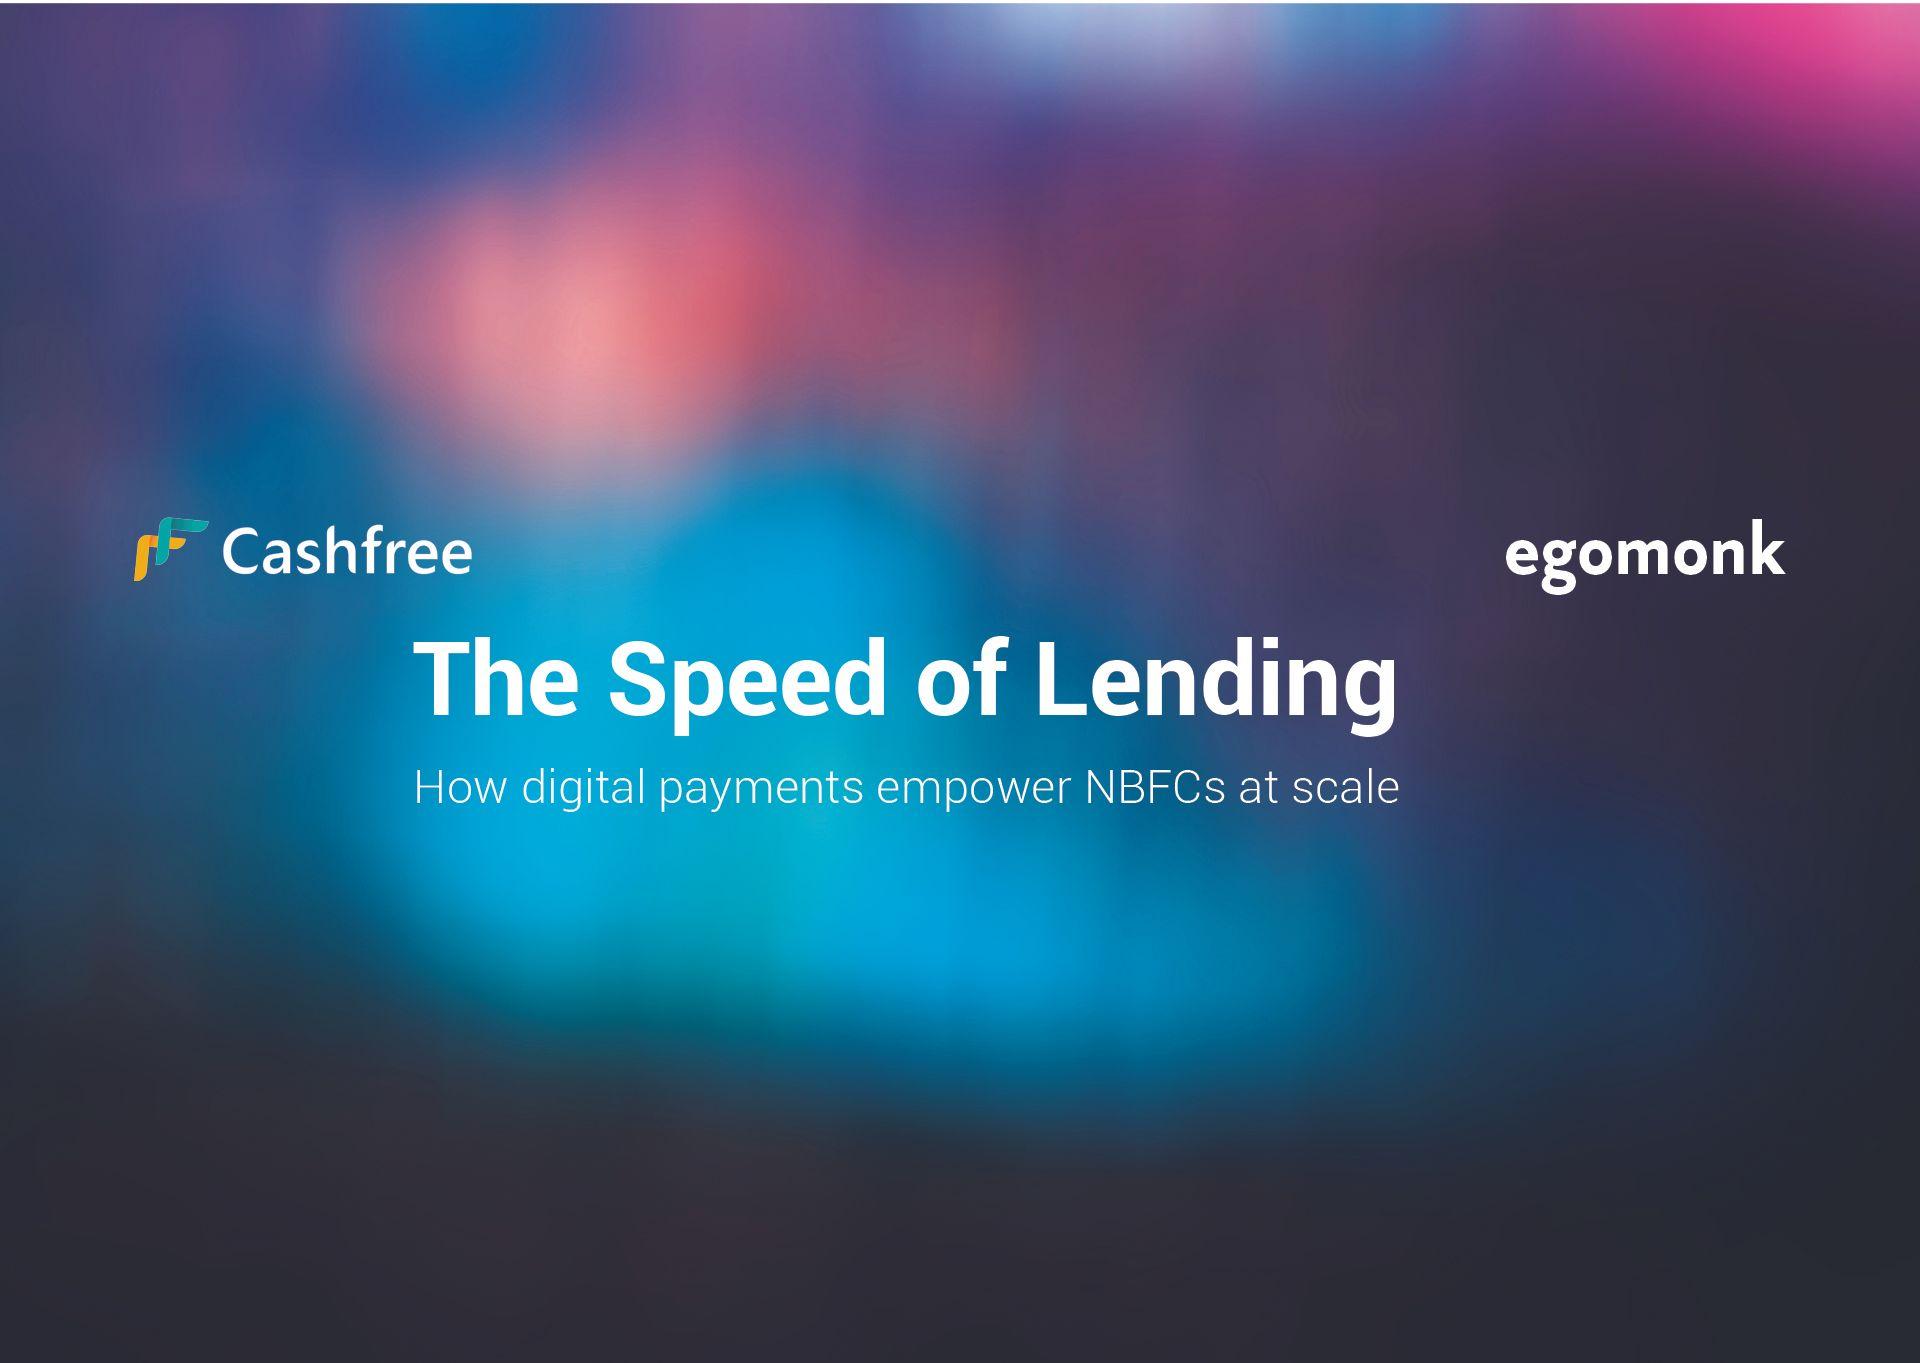 The Speed of Lending